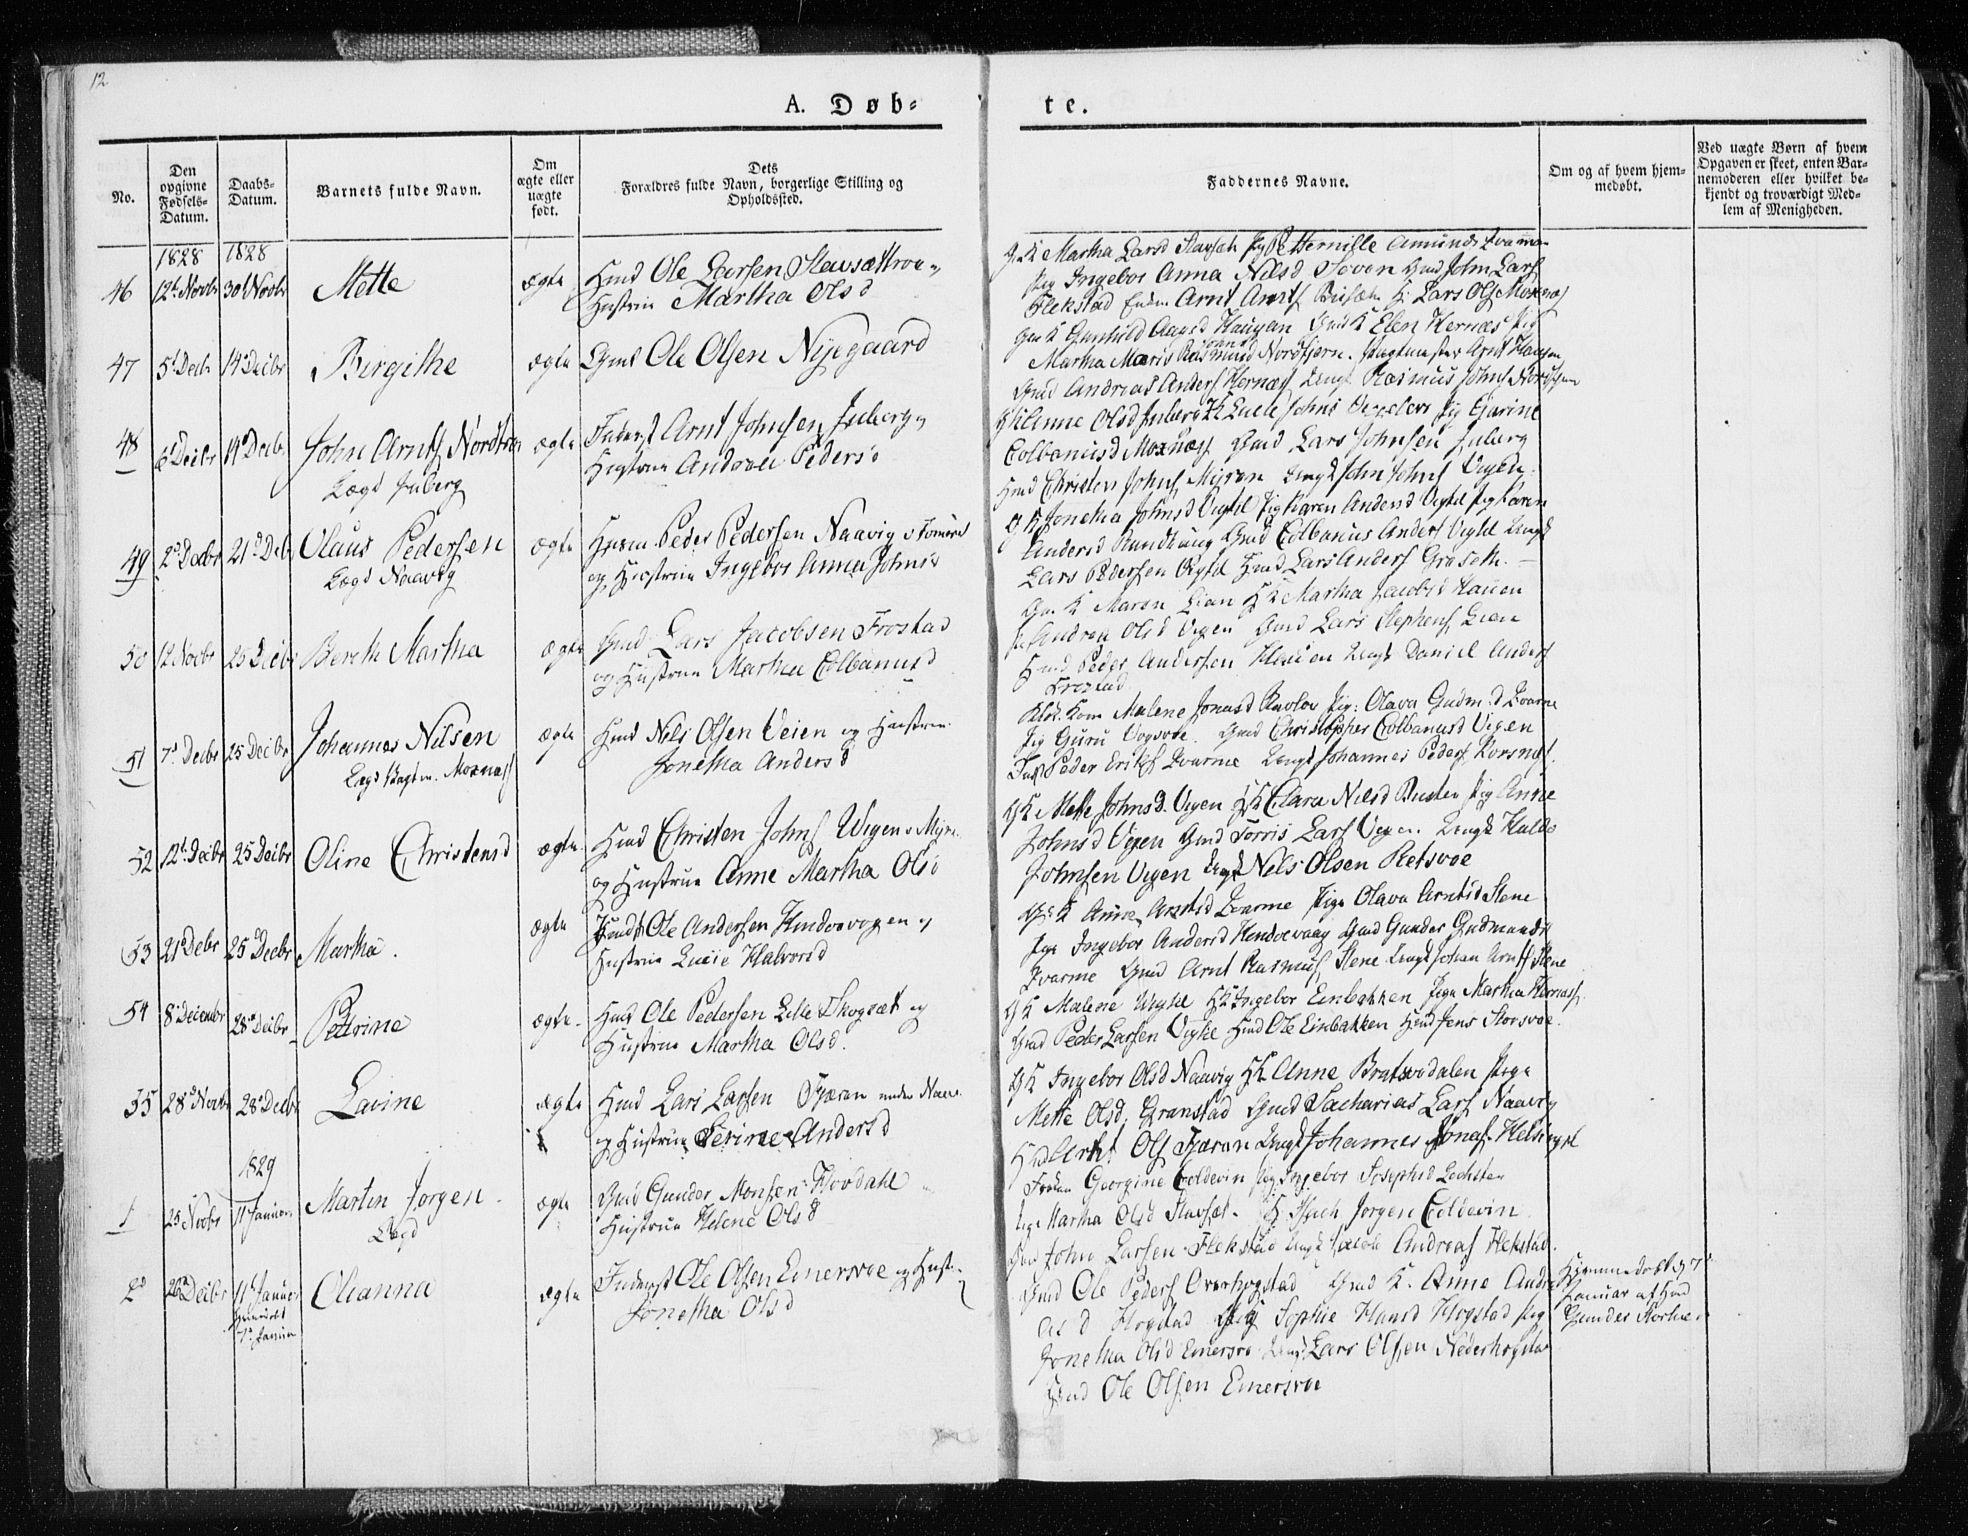 SAT, Ministerialprotokoller, klokkerbøker og fødselsregistre - Nord-Trøndelag, 713/L0114: Ministerialbok nr. 713A05, 1827-1839, s. 12